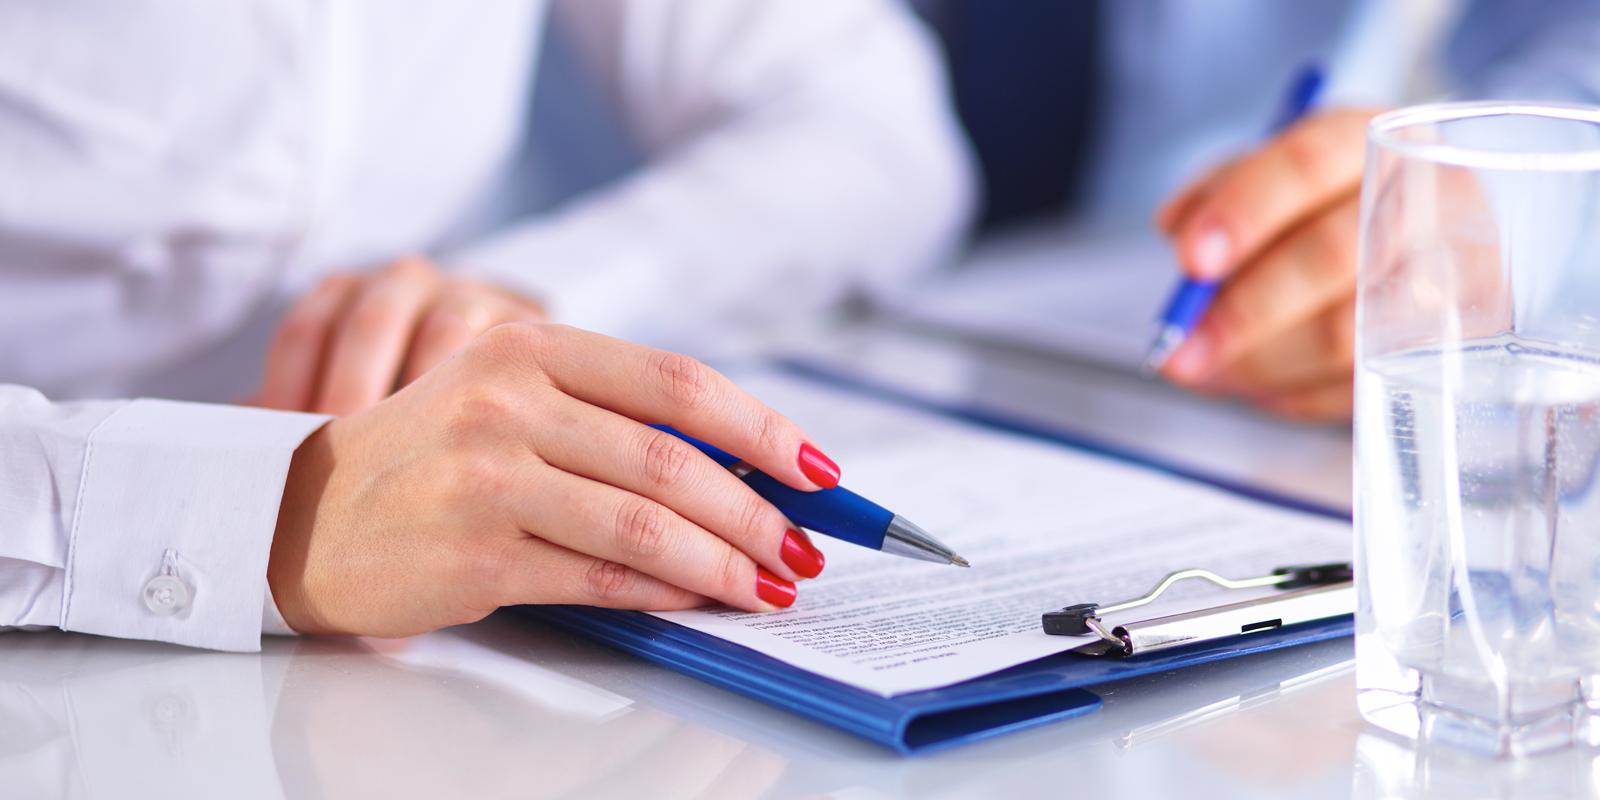 Mandat exclusifau Luxembourg : comment le développer pour votre agence?